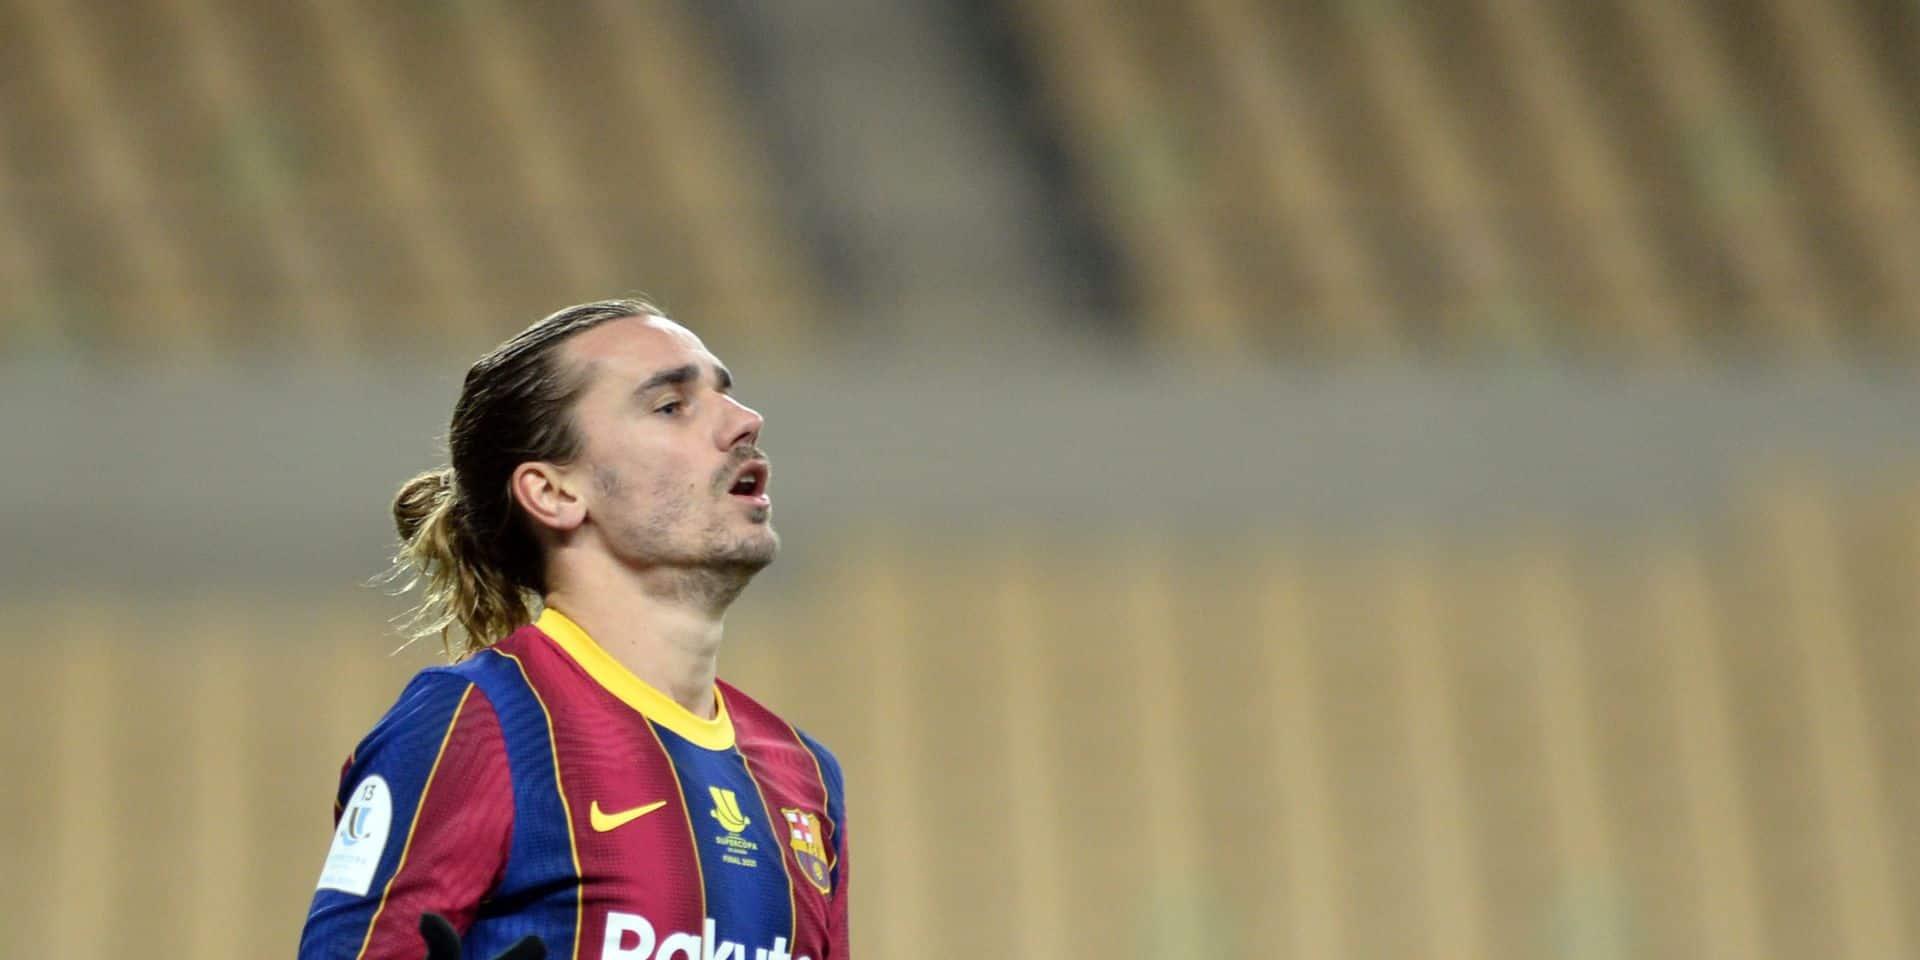 Nouveau problème Griezmann au Barça? L'attaquant critique la défense et crispe le vestiaire